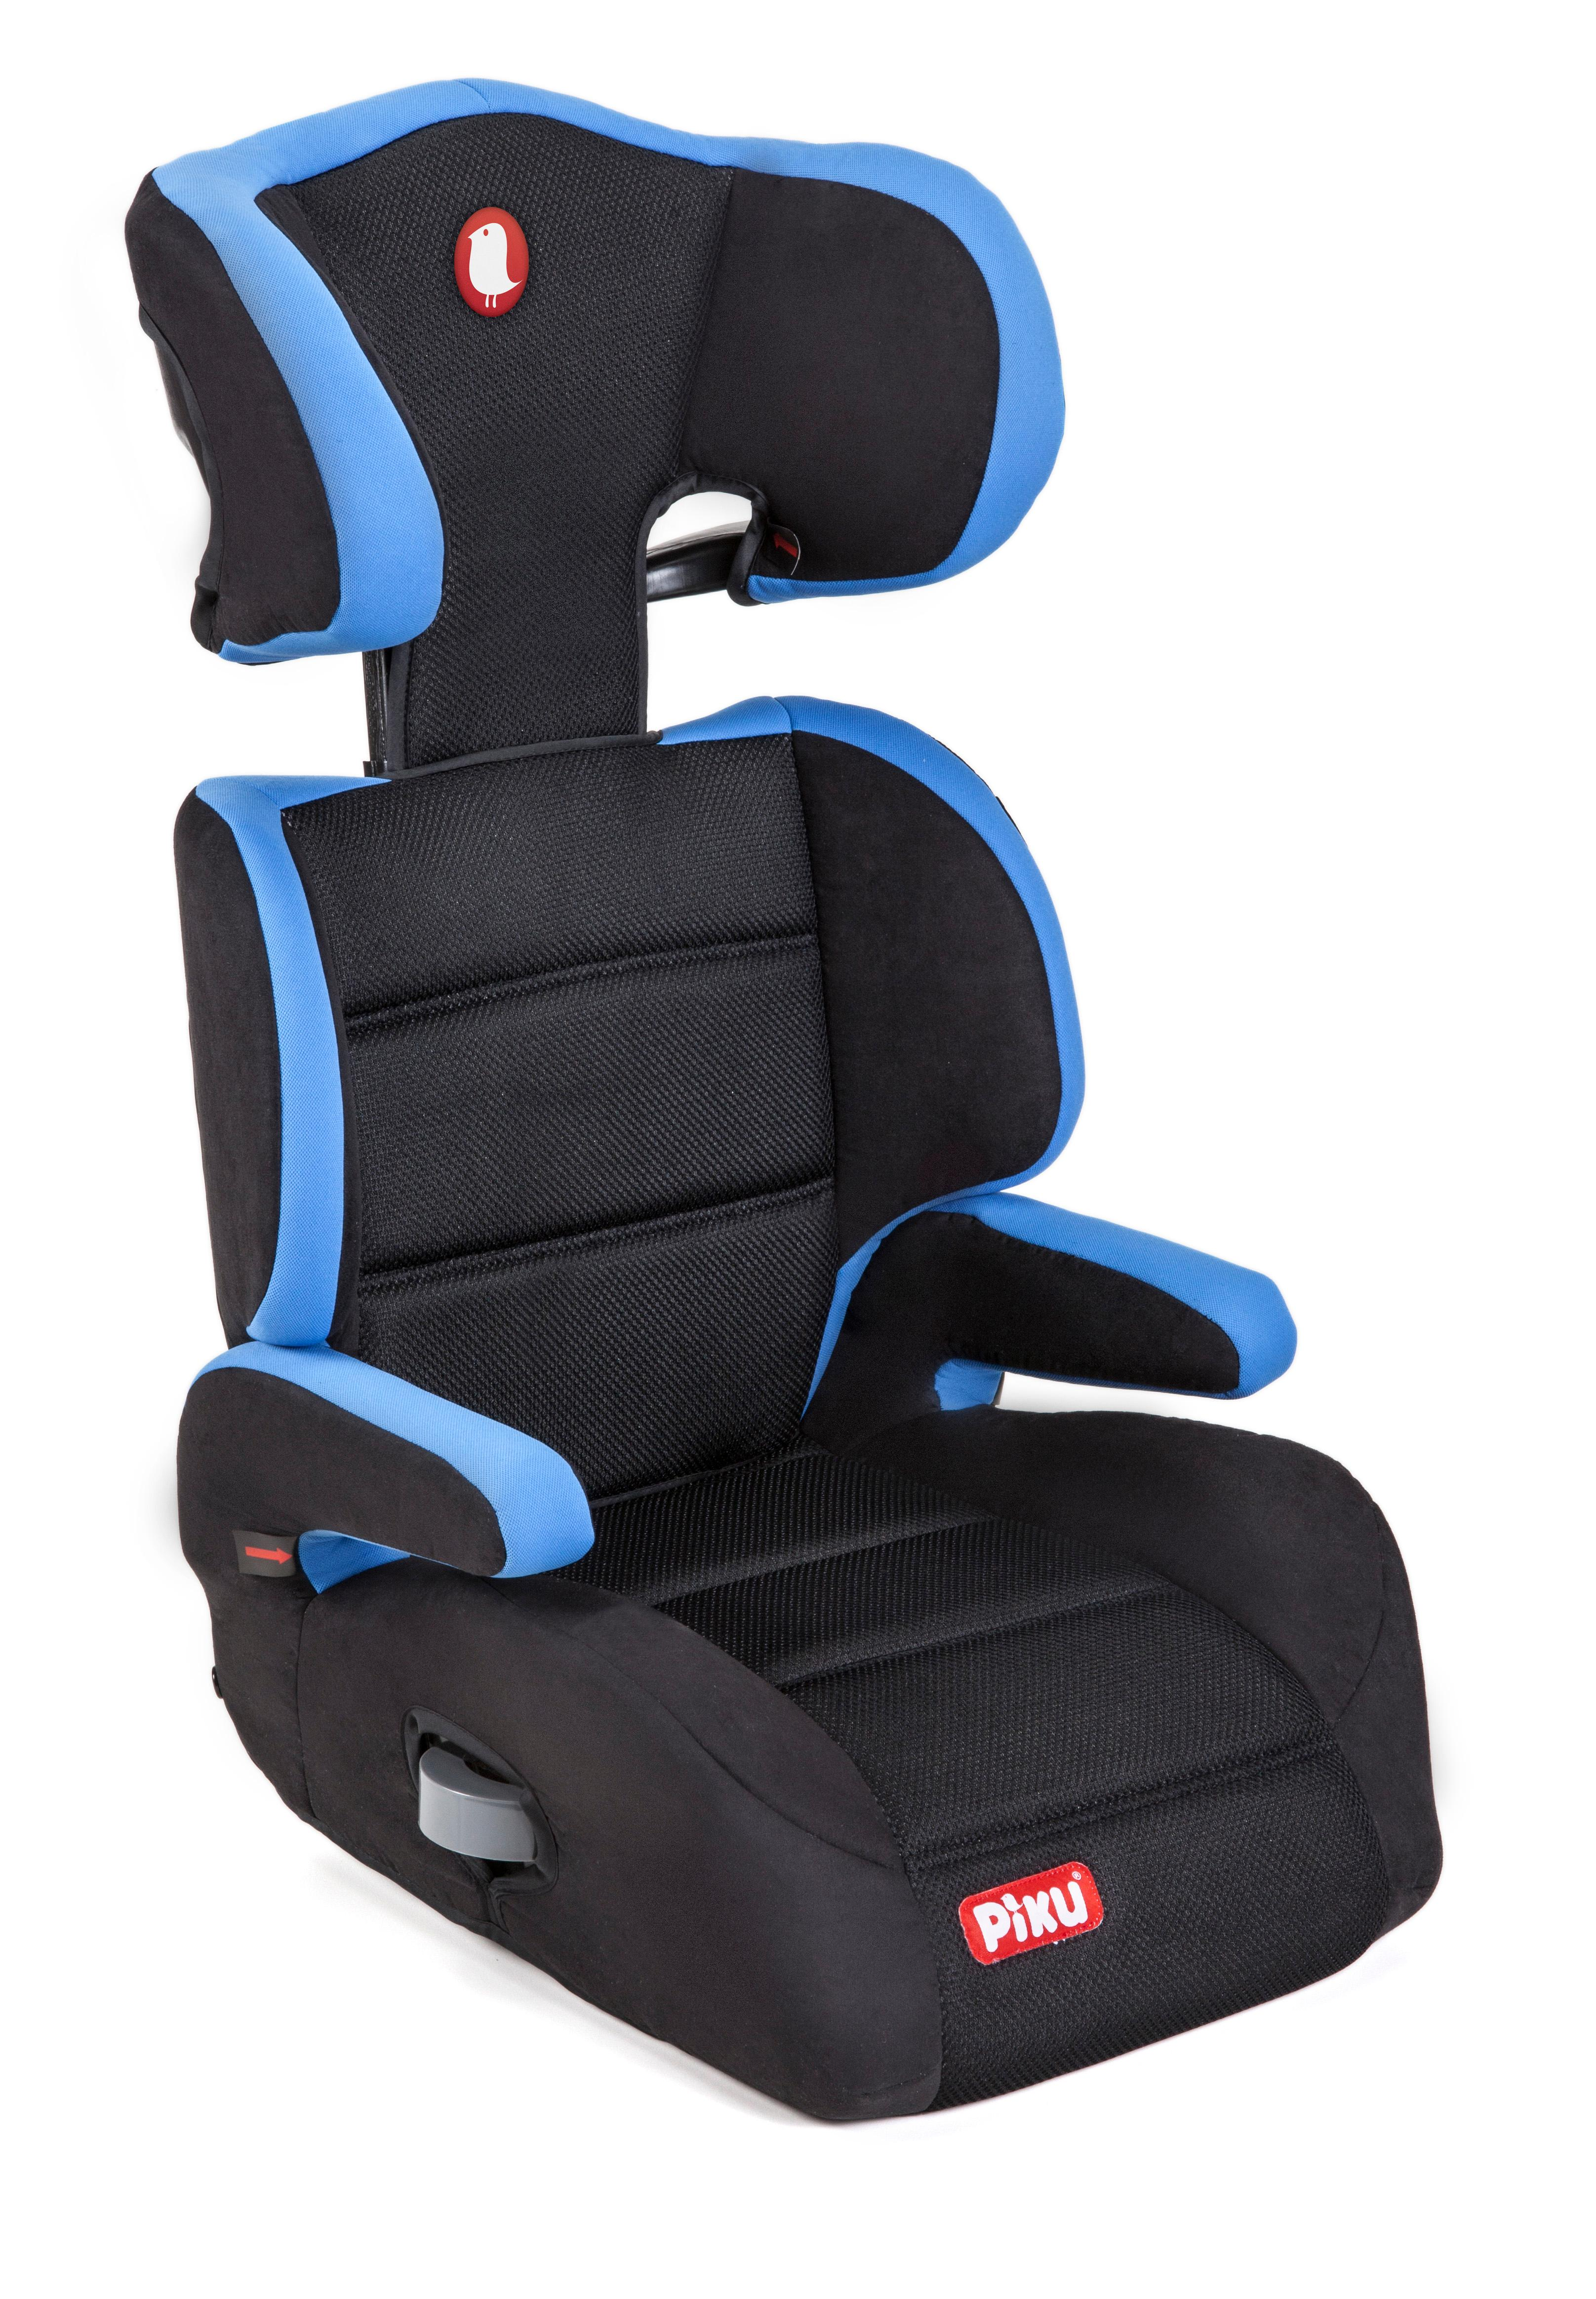 Piku 6227 silla de coche grupo 2 3 15 36 kg 3 12 a os for Sillas coche para ninos 8 anos